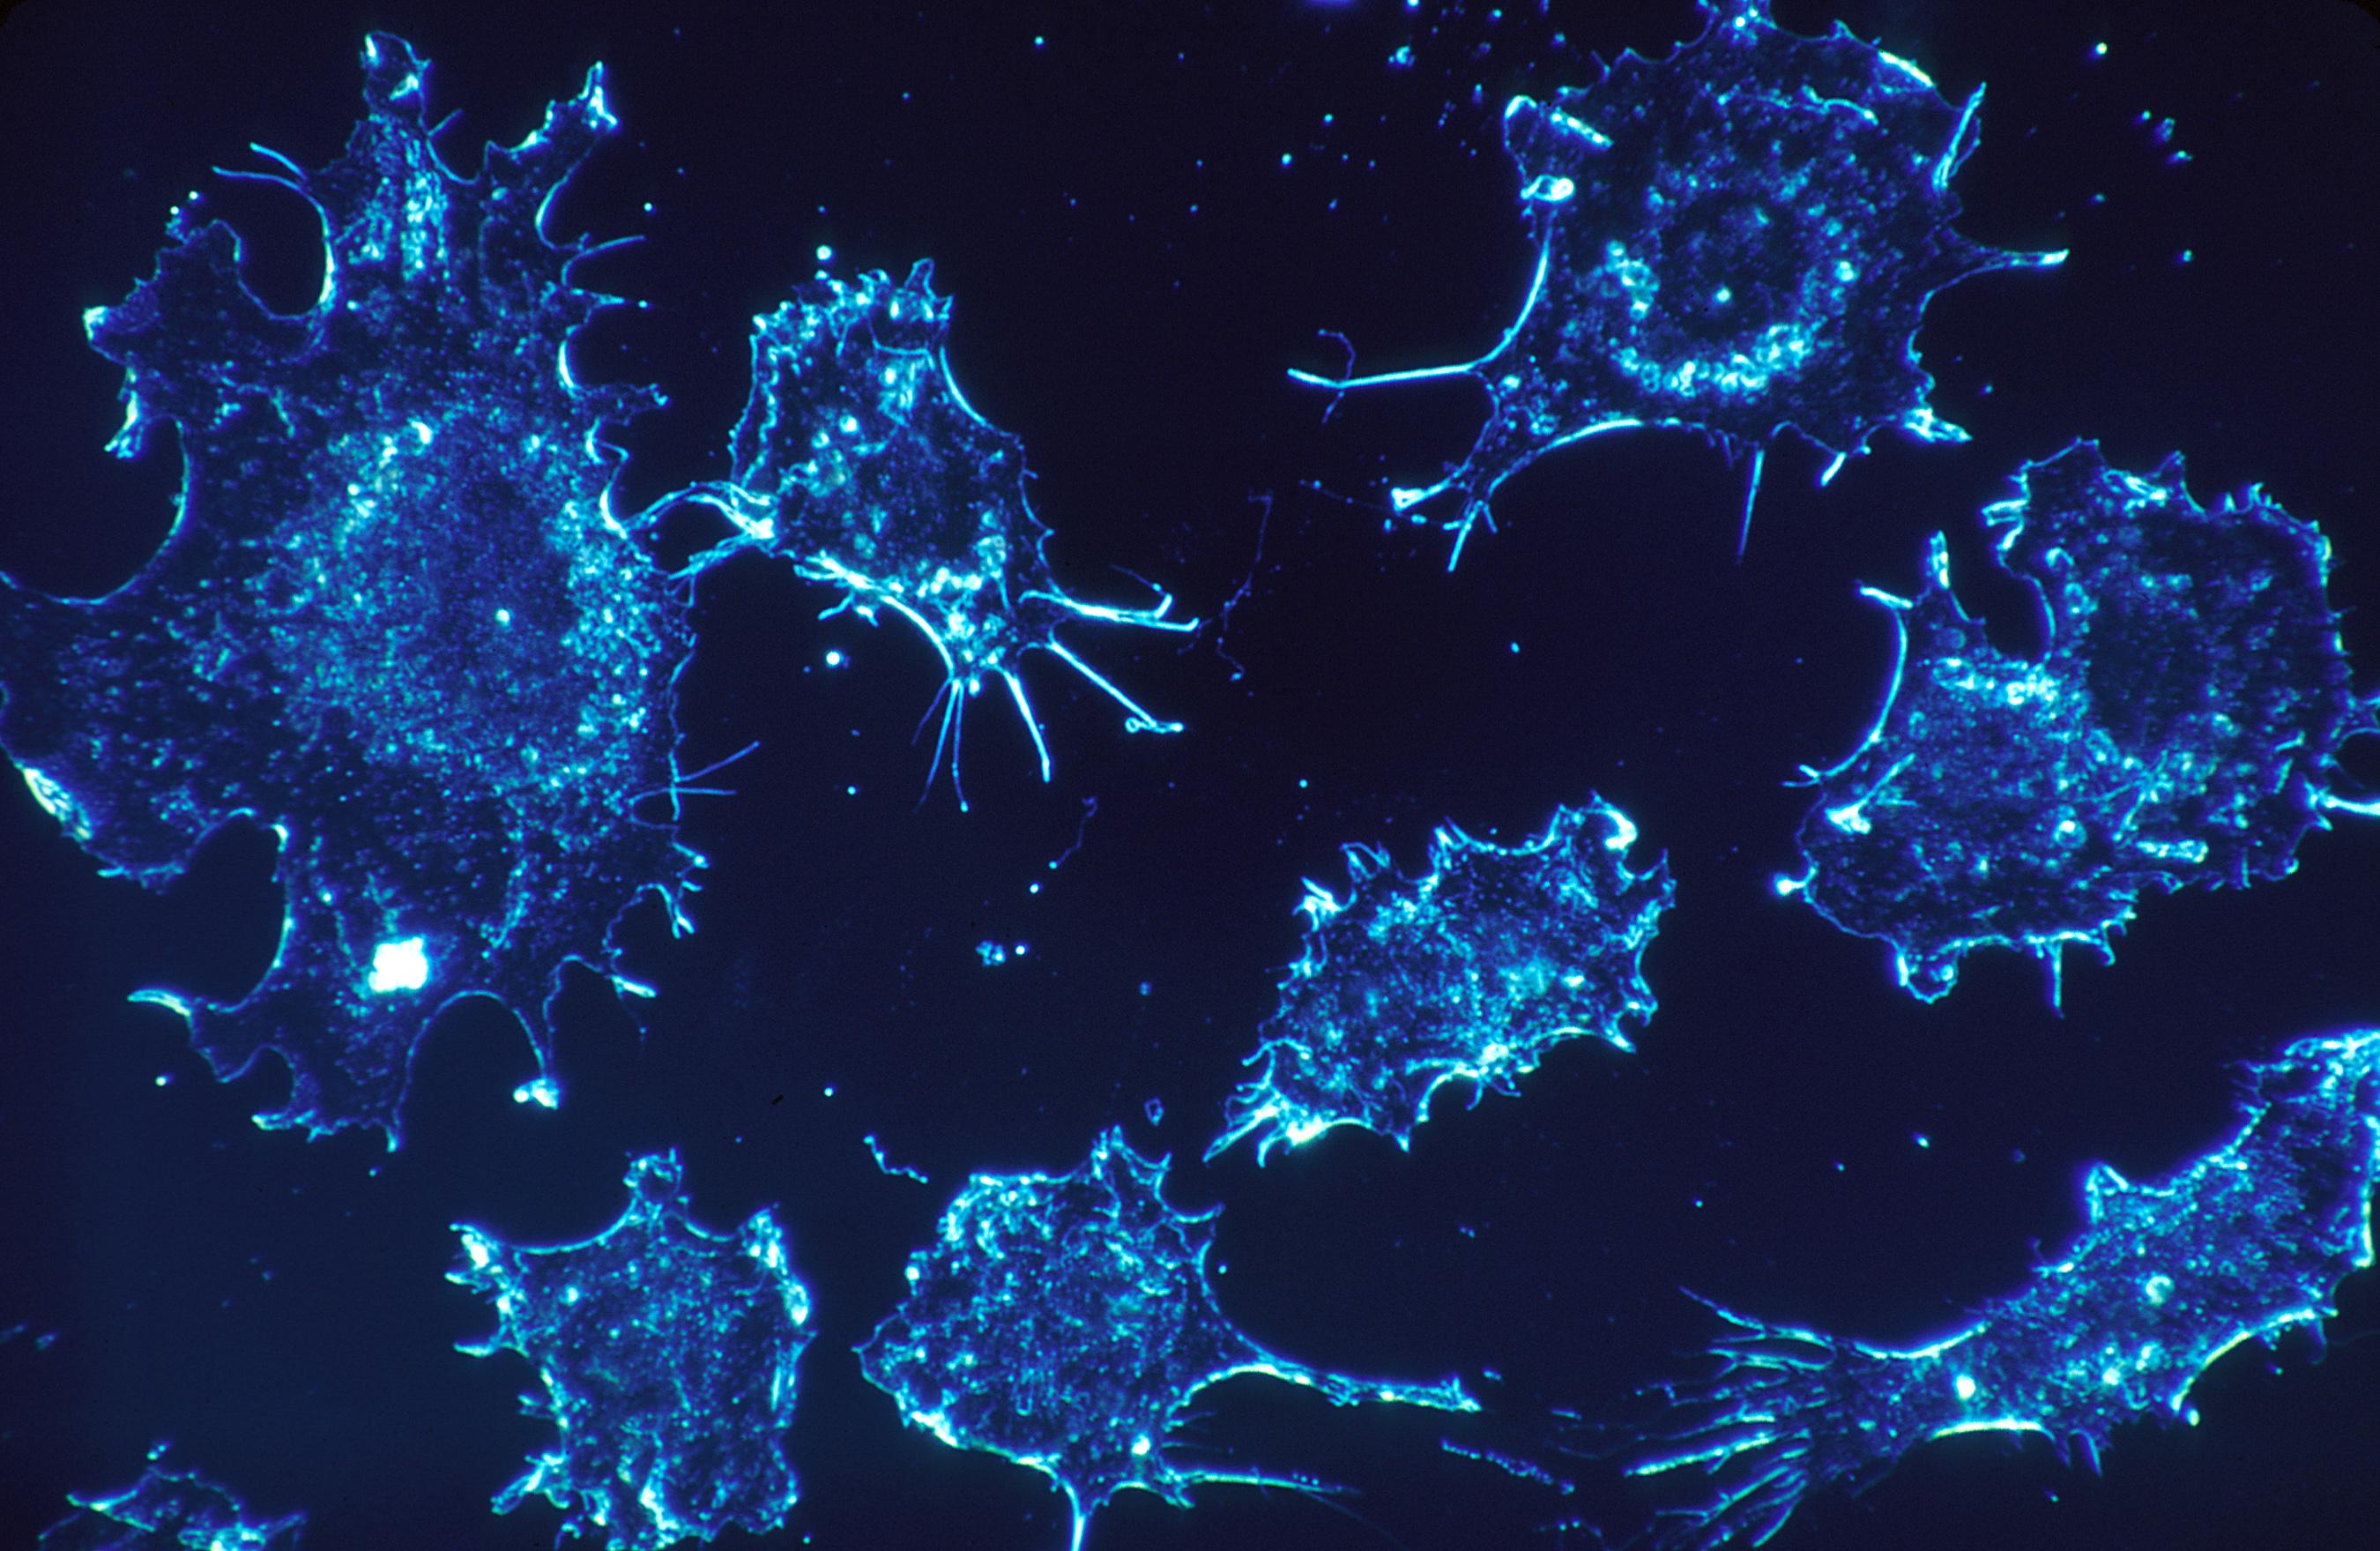 células Archives - biologiainteresante.com